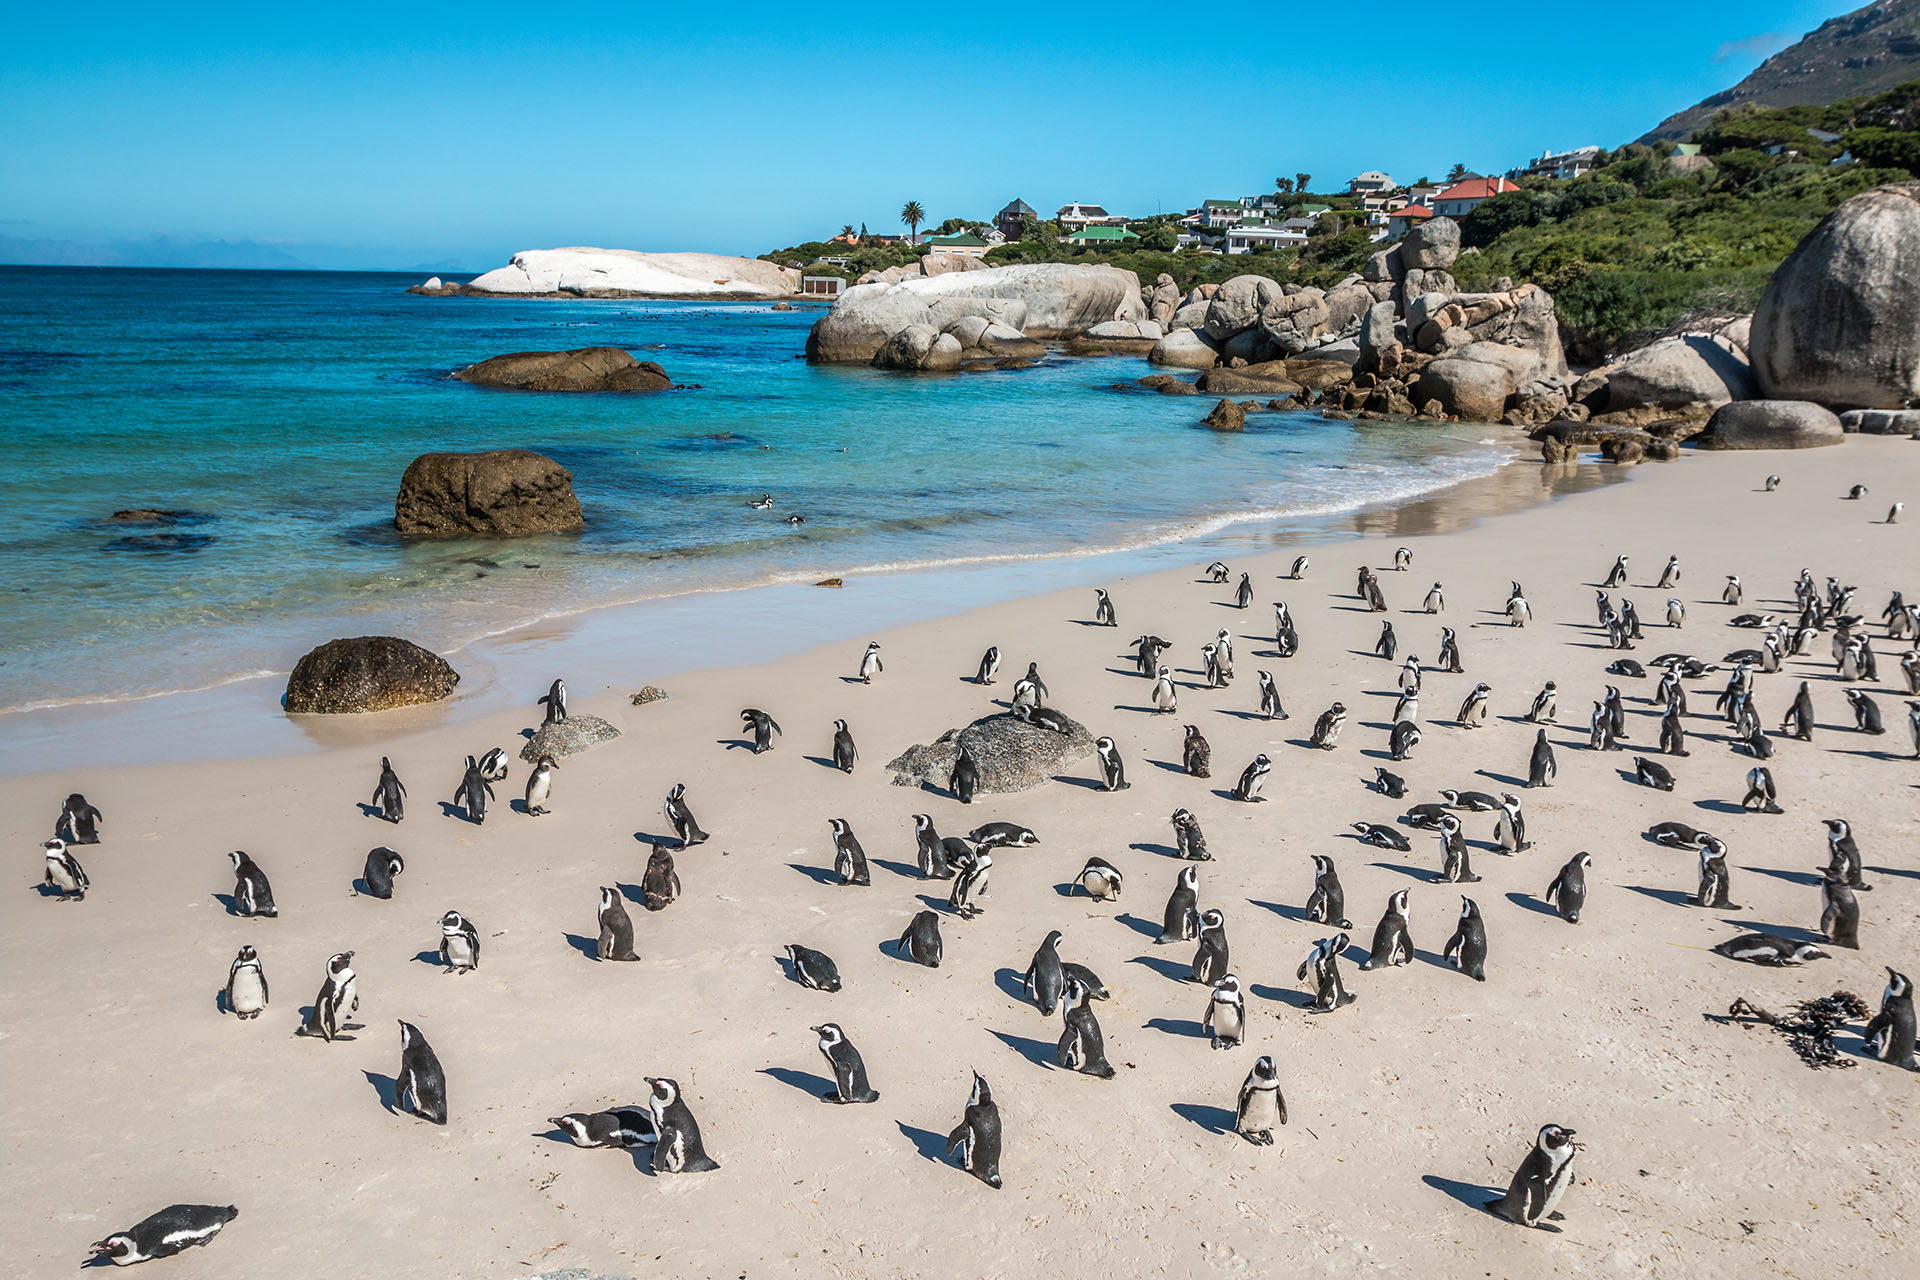 En Boulders Beach en la Península del Cabo de Sudáfrica, un día tropical se convierte en una nueva aventura. Las aguas azules más profundas permanecen protegidas y tranquilas, escondidas entre el granito para que el baño sea tranquilo y sereno. Como punto de referencia nacional, Boulders Beach y sus habitantes pingüinos esperan con ansias sus 60.000 visitantes anuales